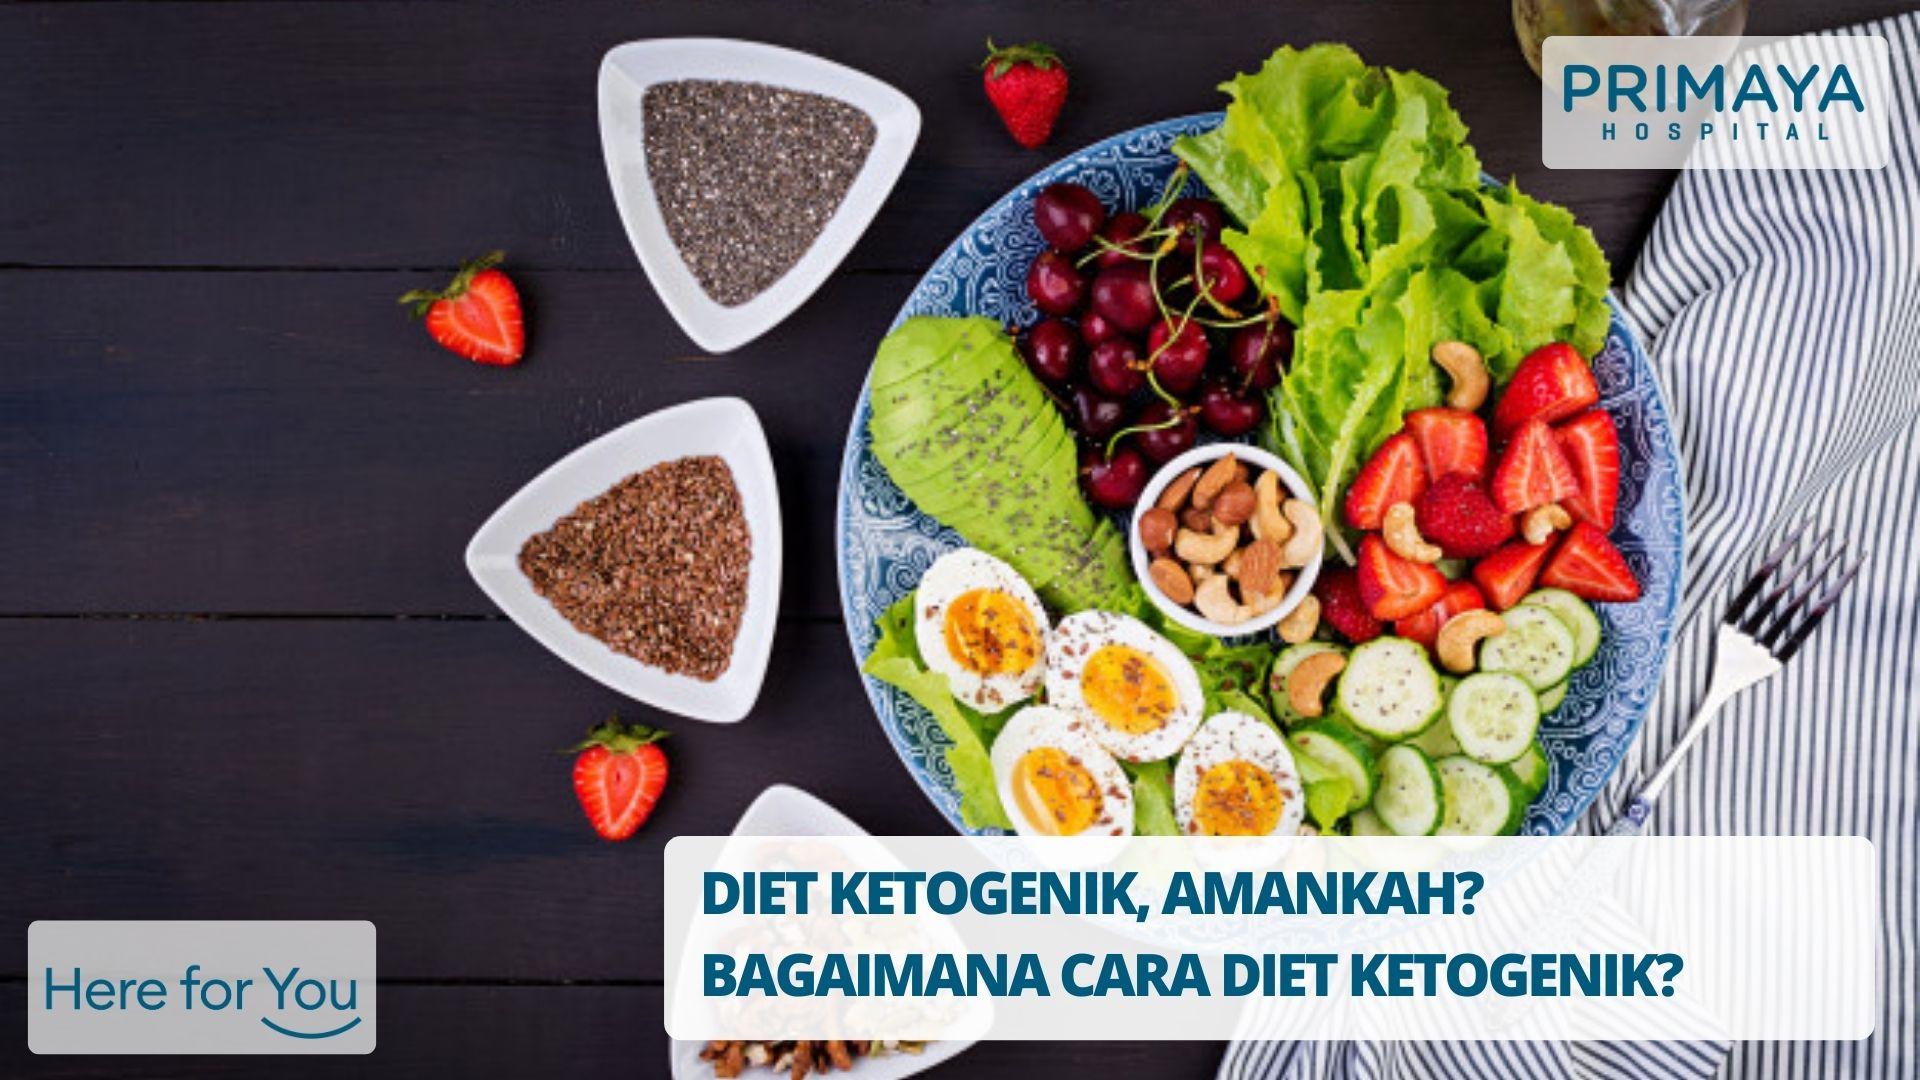 DIET KETOGENIK, AMANKAH_ BAGAIMANA CARA DIET KETOGENIK_